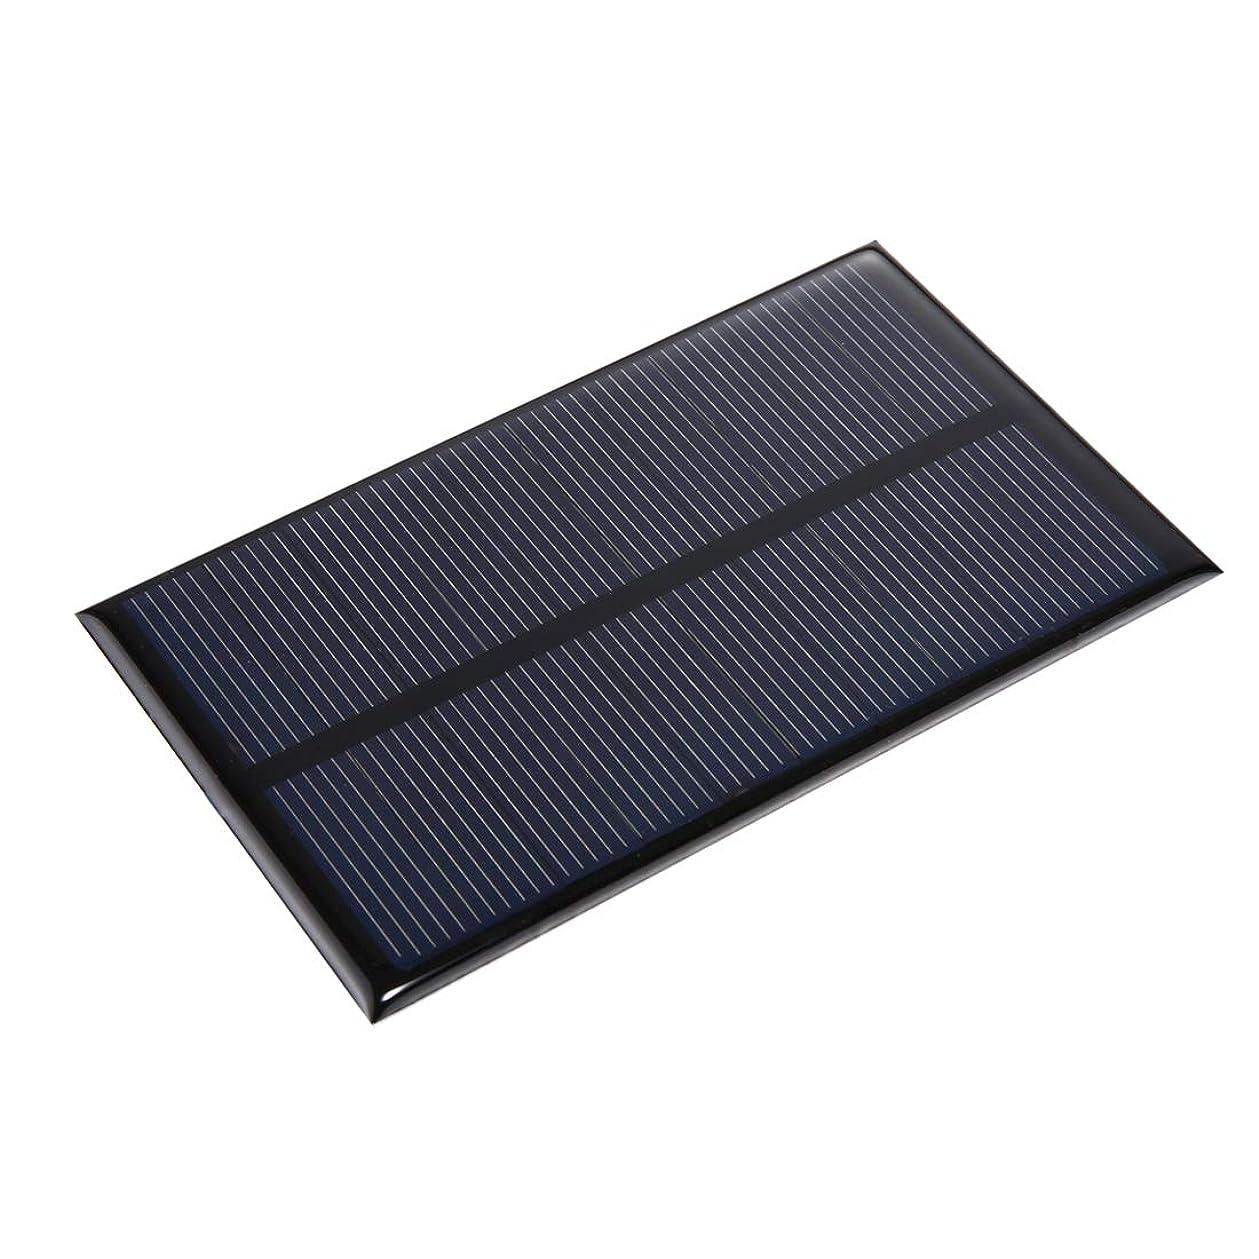 活性化強制的グレーポータブル折りたたみソーラーパネル 5V 1.2W 200mAh DIYサンパワーバッテリーソーラーパネルモジュールセル、サイズ:110 x 69mm マウサー日本